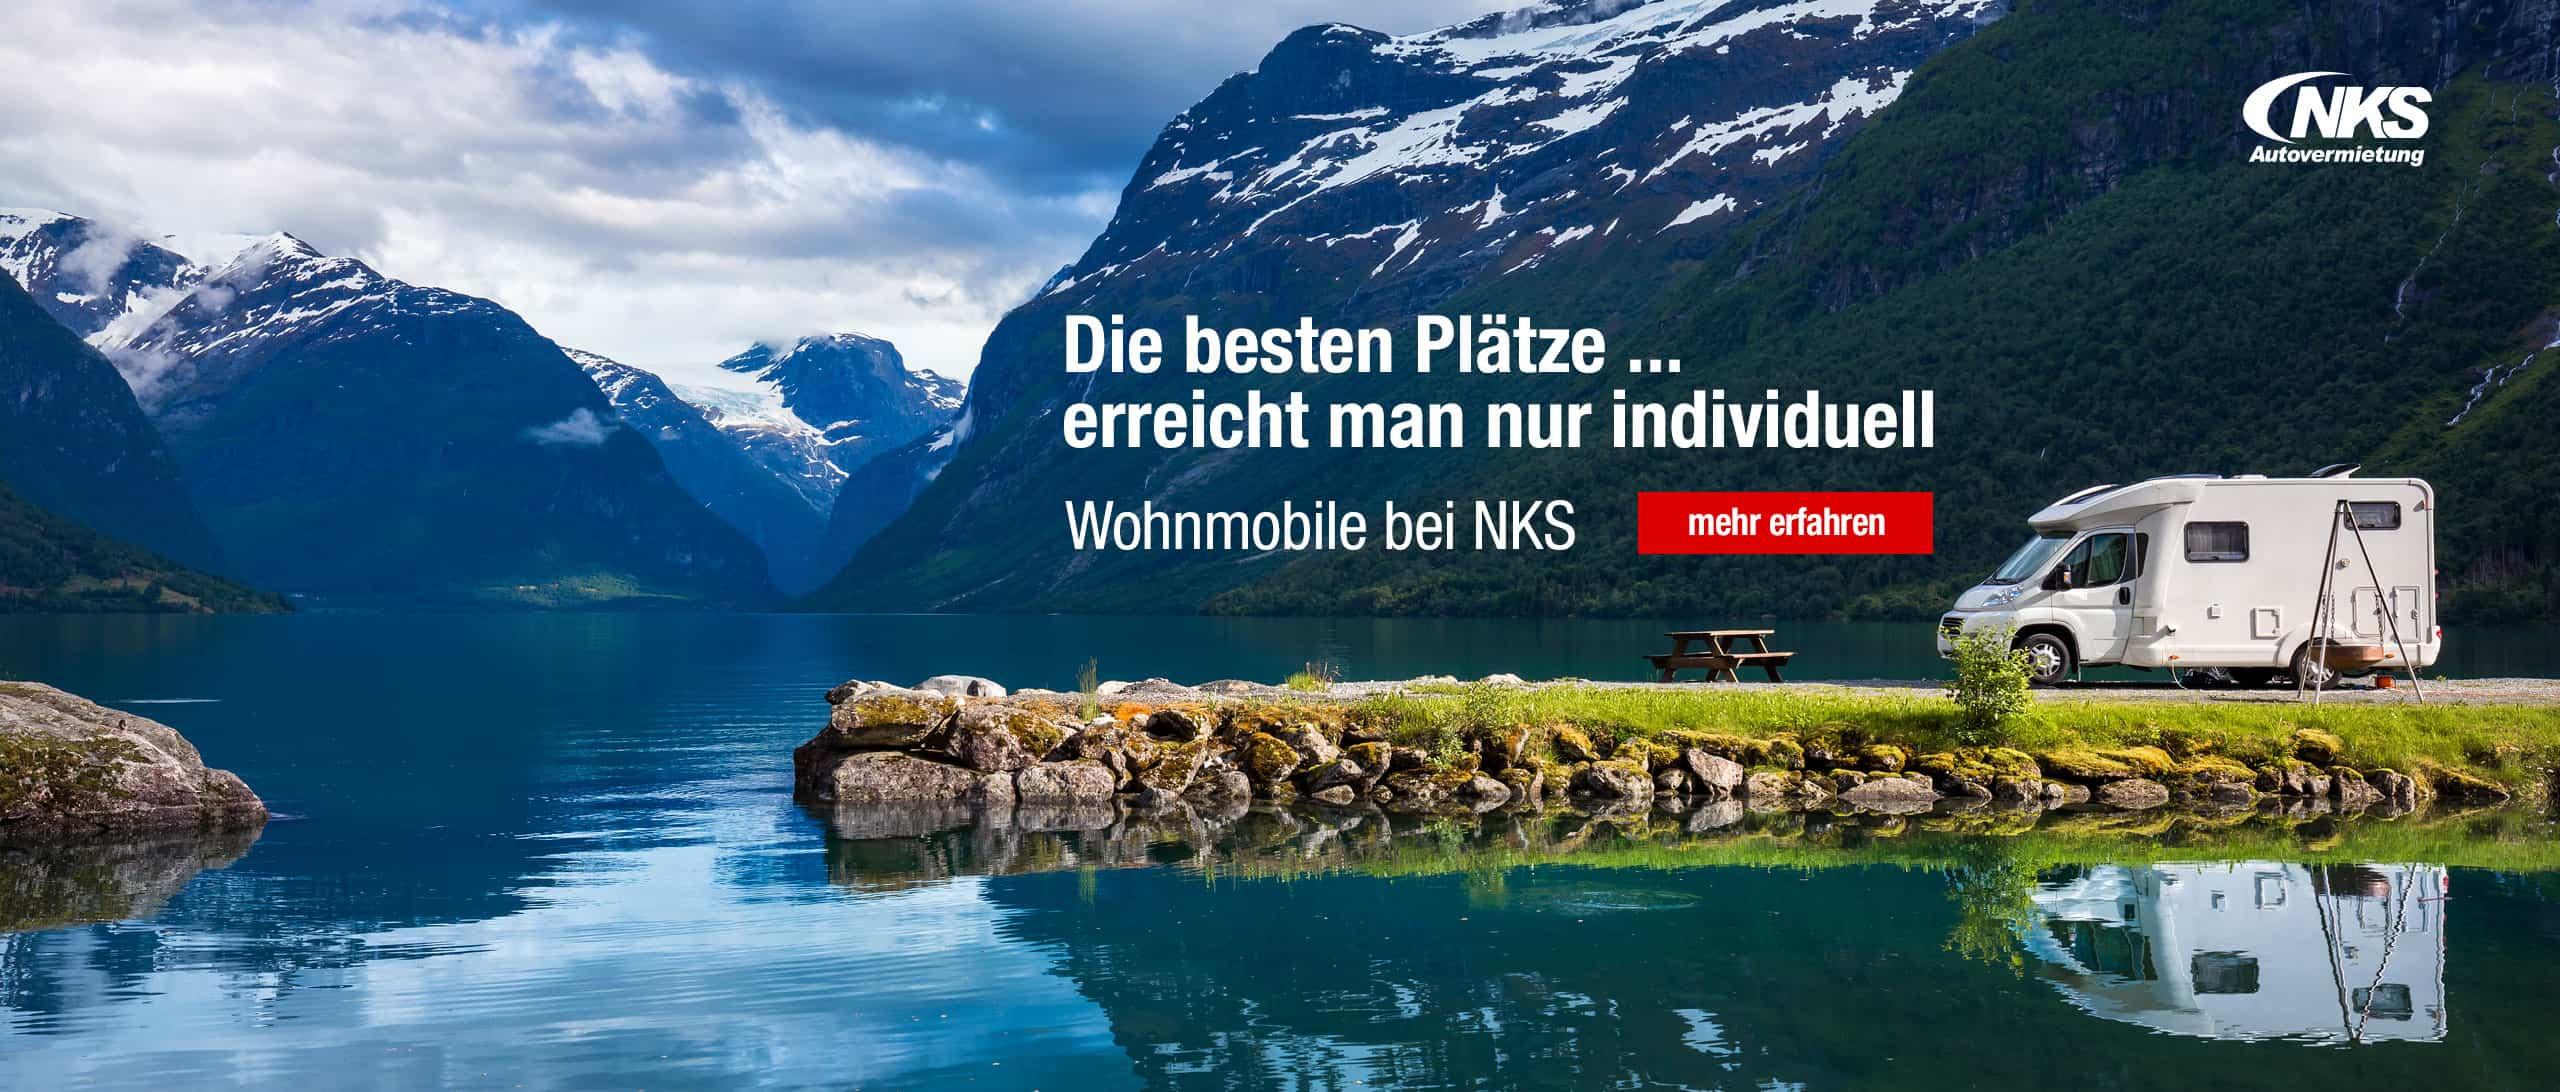 Wohnmobile bei NKS